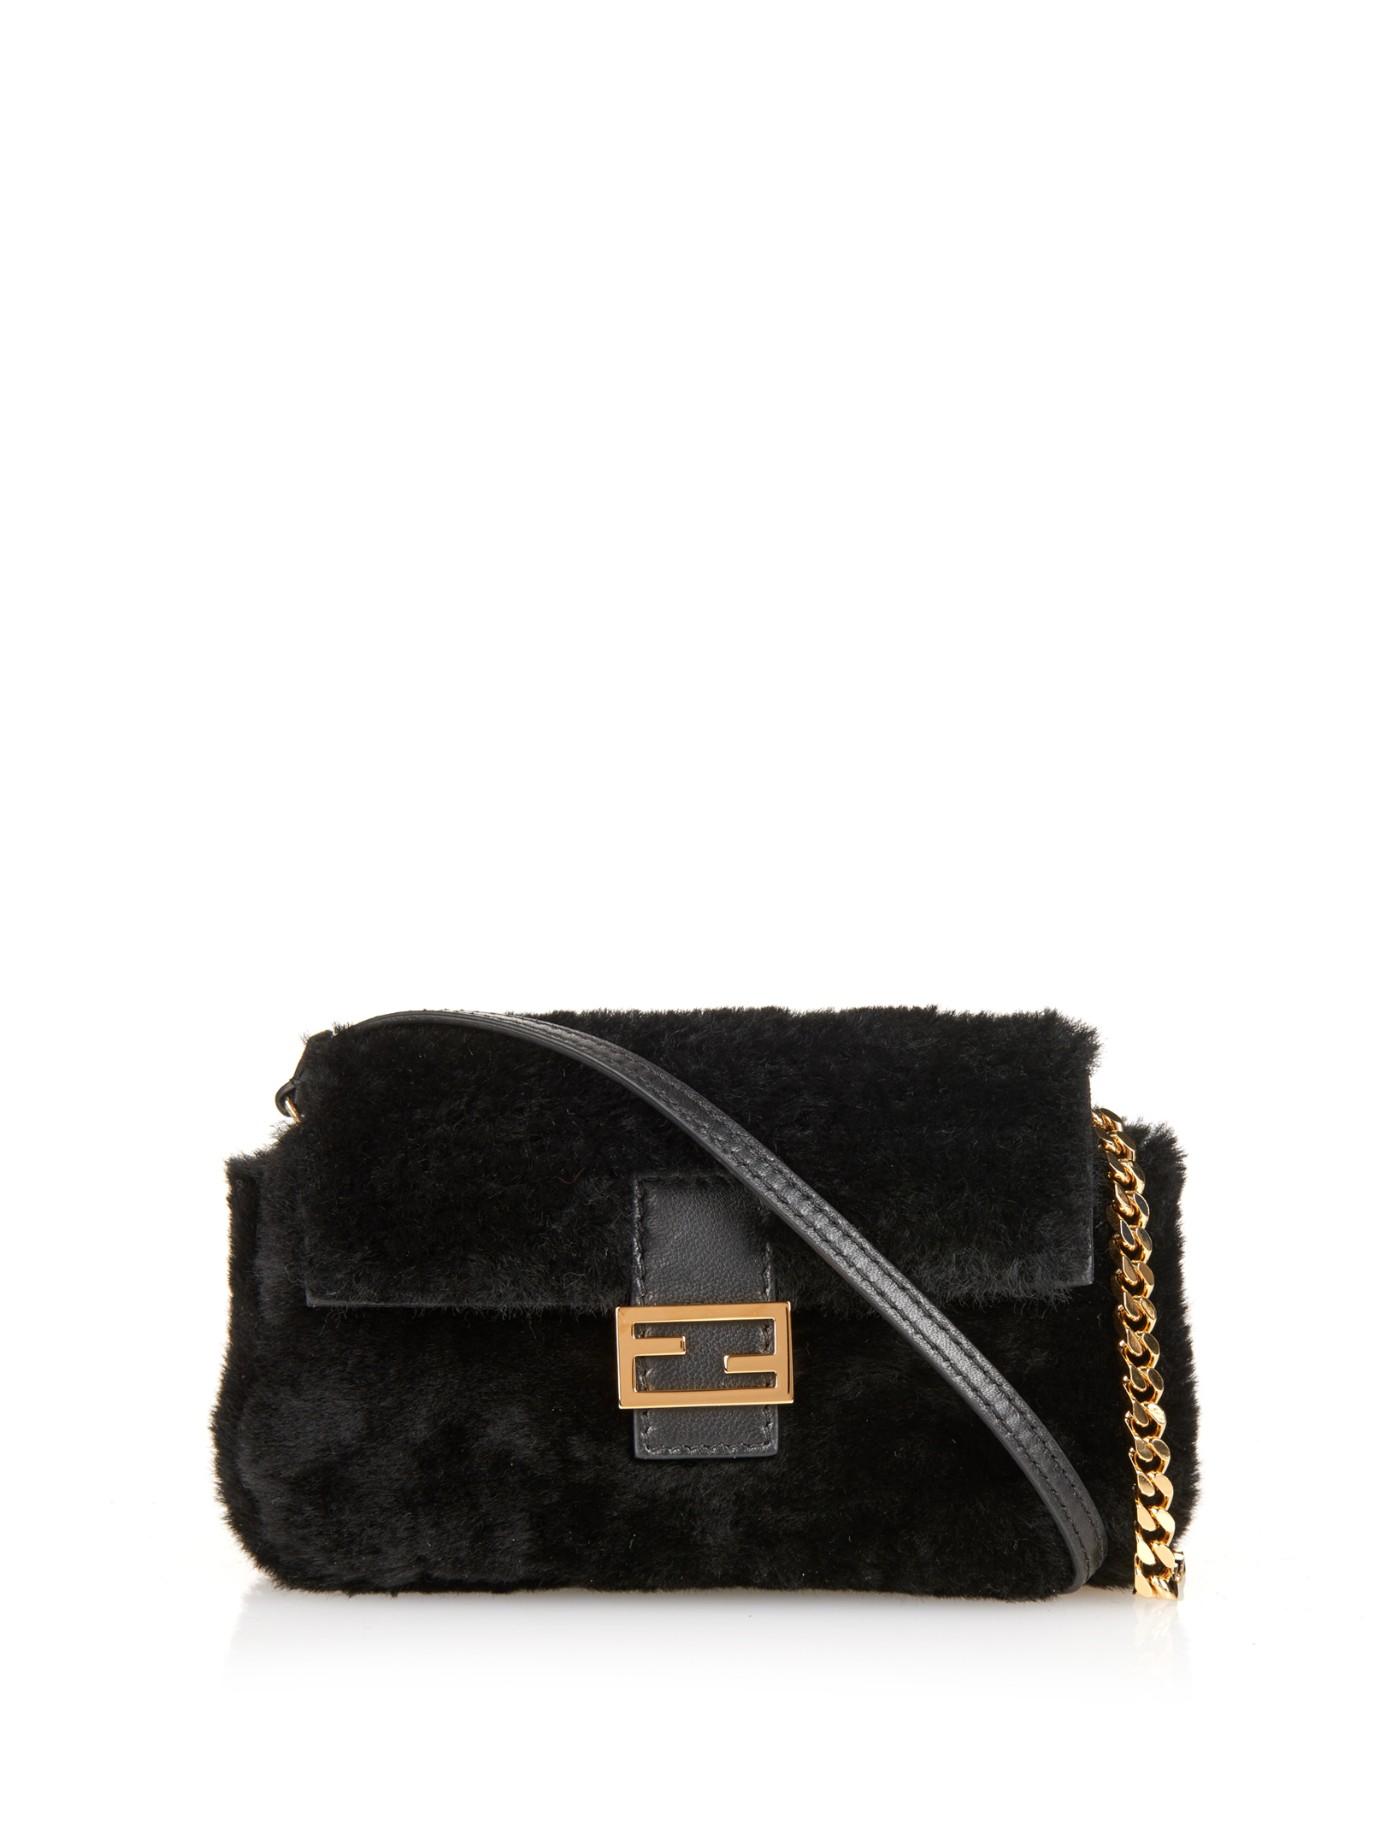 replica chloe 5662 classic coffee handbag